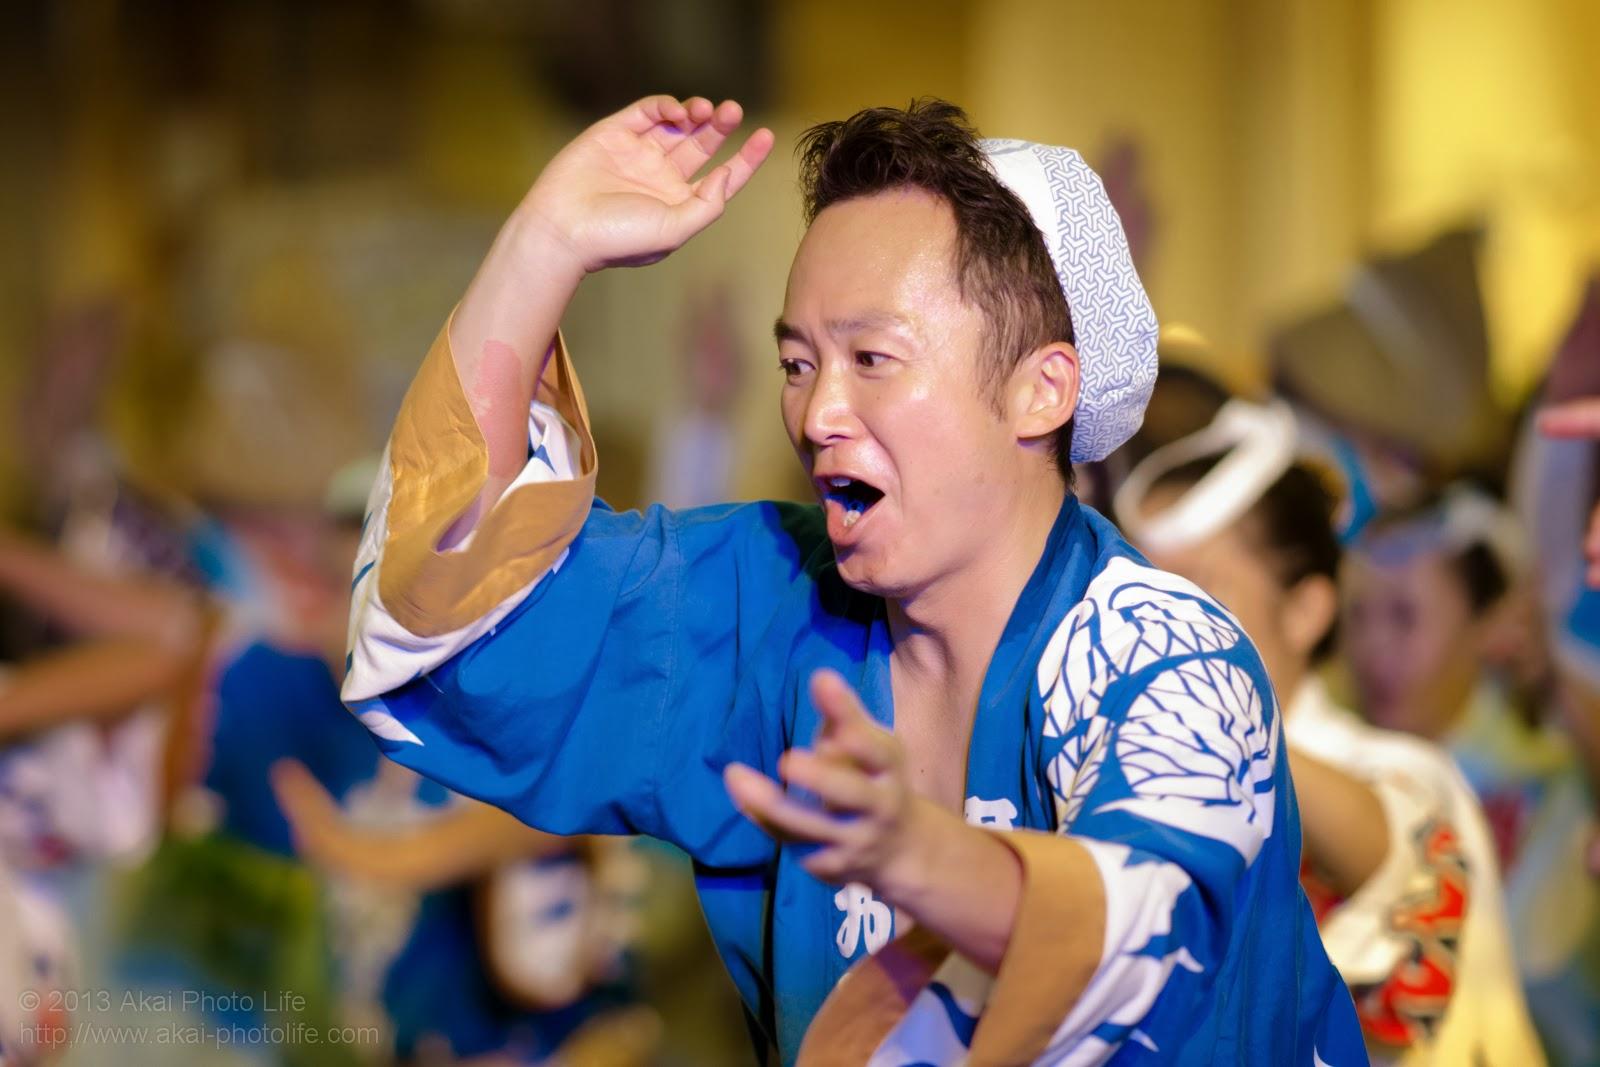 かわさき阿波おどり、埼玉葵連、男踊り